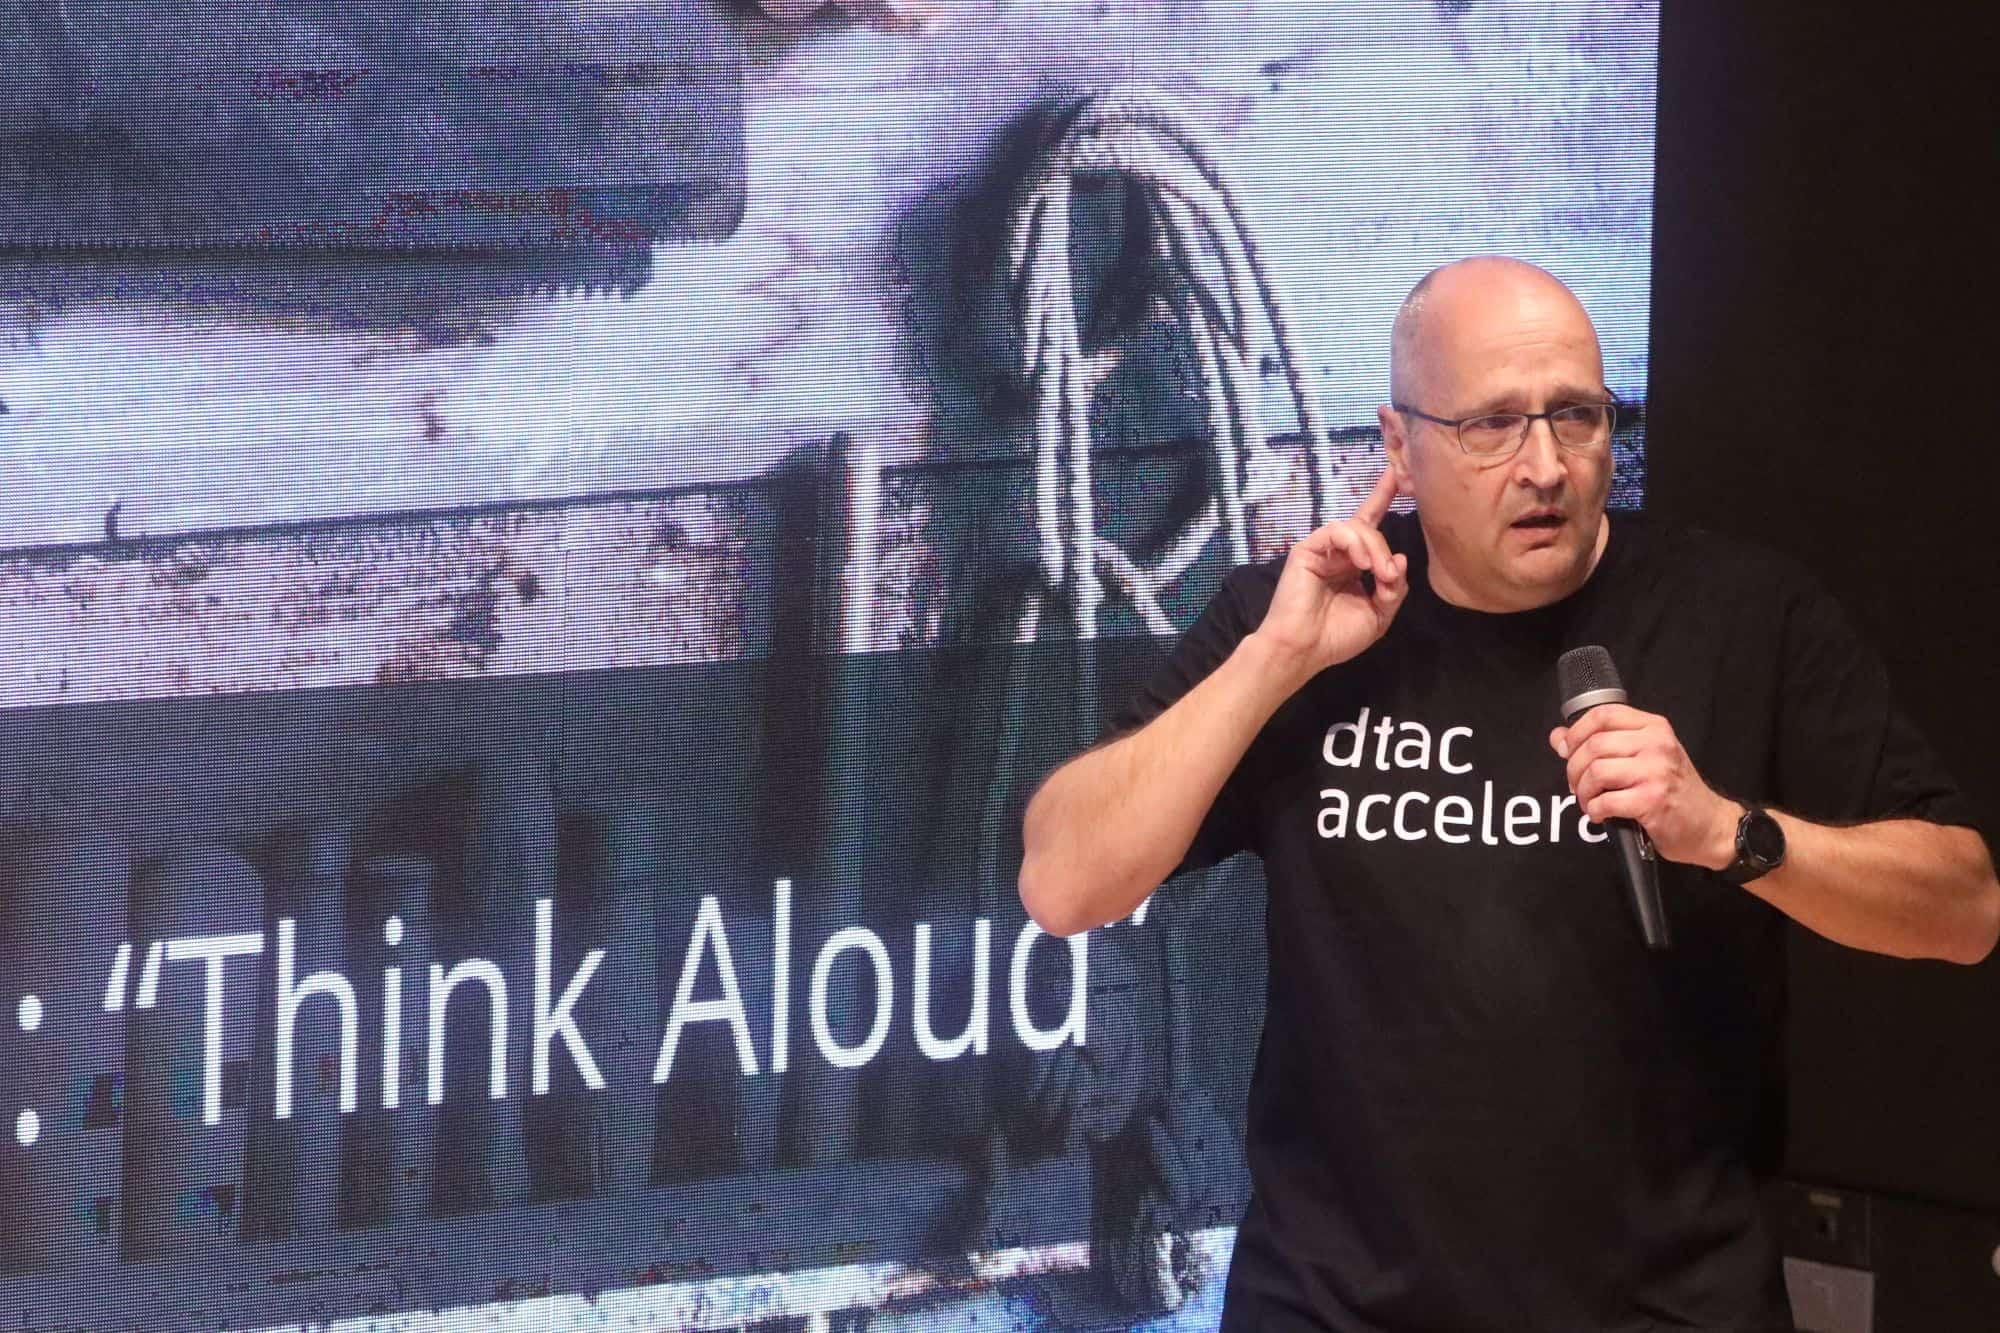 เข้าใจ UX/UI ไปกับ Jacob Greenshpan ผู้เชี่ยวชาญระดับโลกที่พร้อมช่วย Startup โตยั่งยืน